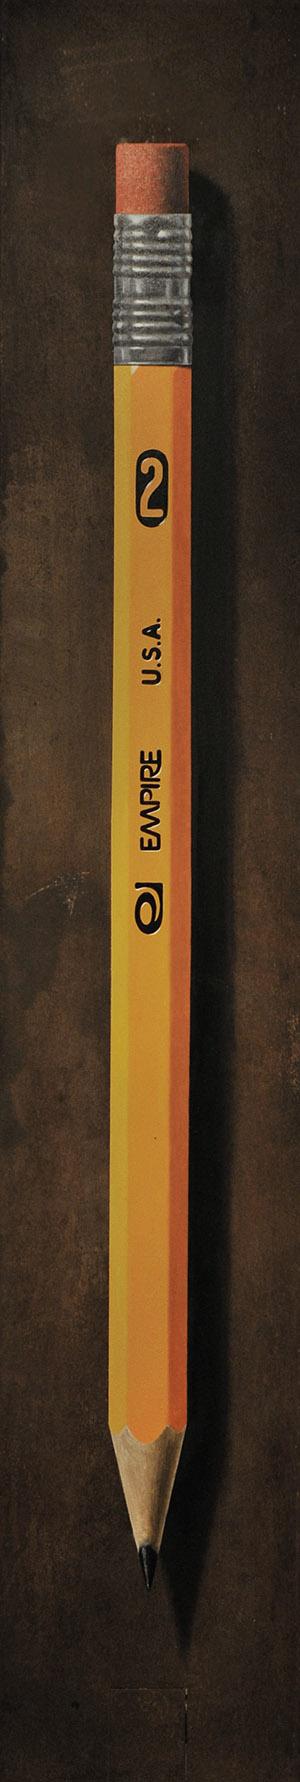 Pencil Outsize.jpg